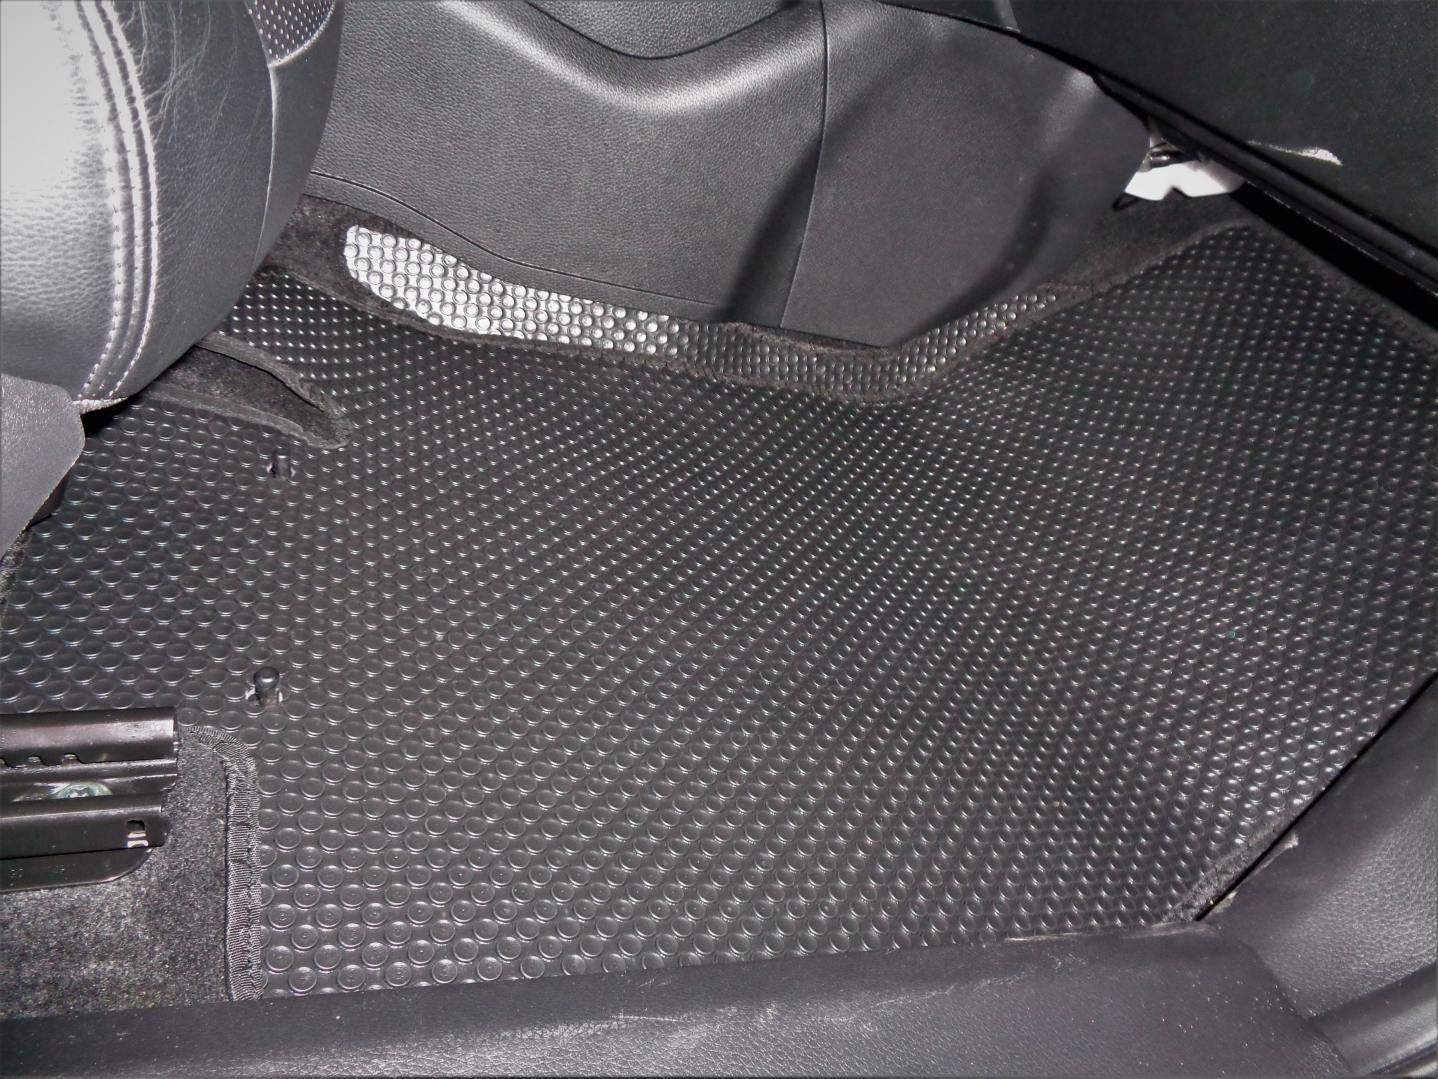 Thảm lót sàn Nissan Xtrail tấm phụ